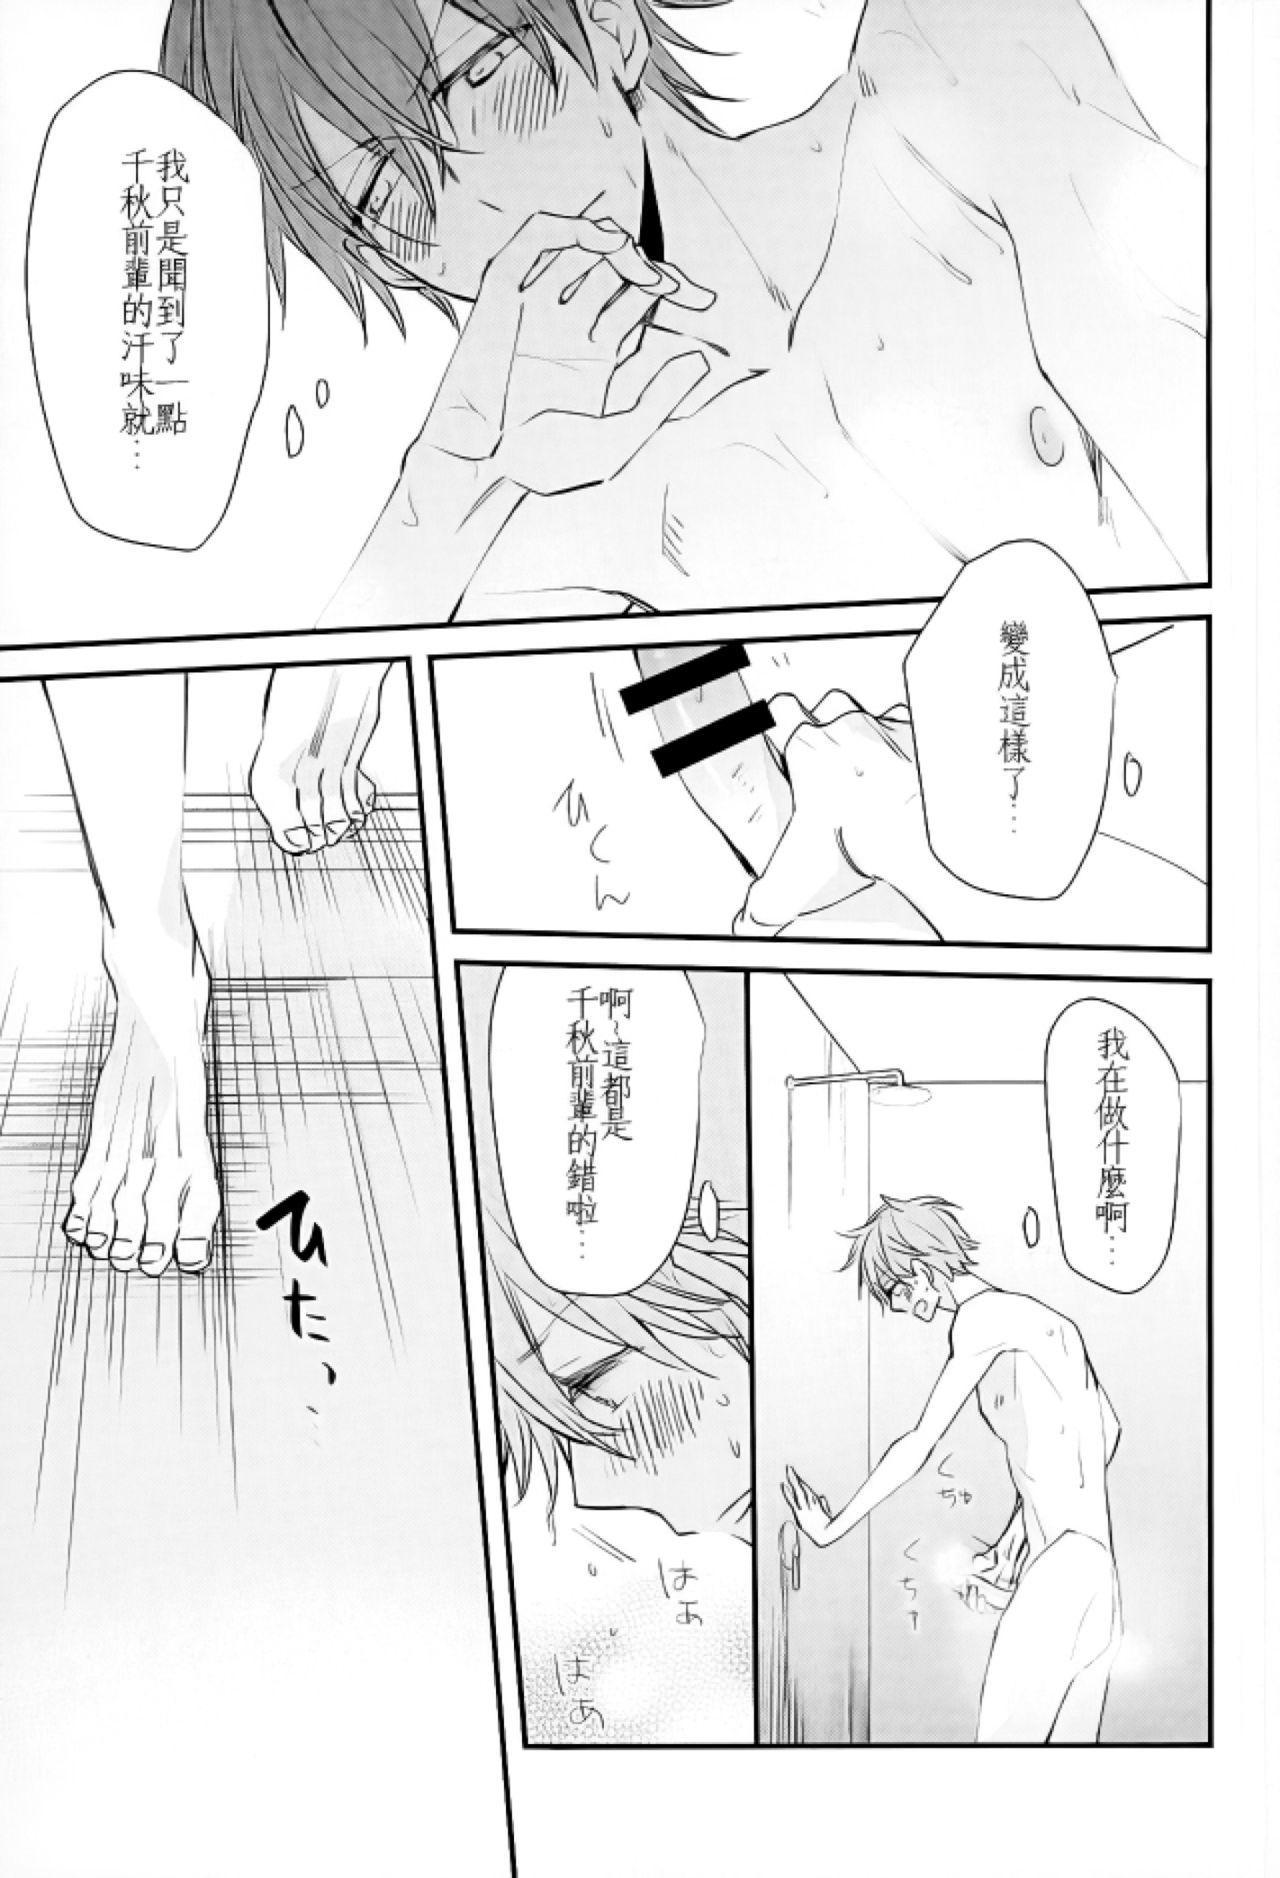 Ore no Kawaii Onaho Senpai 3 11